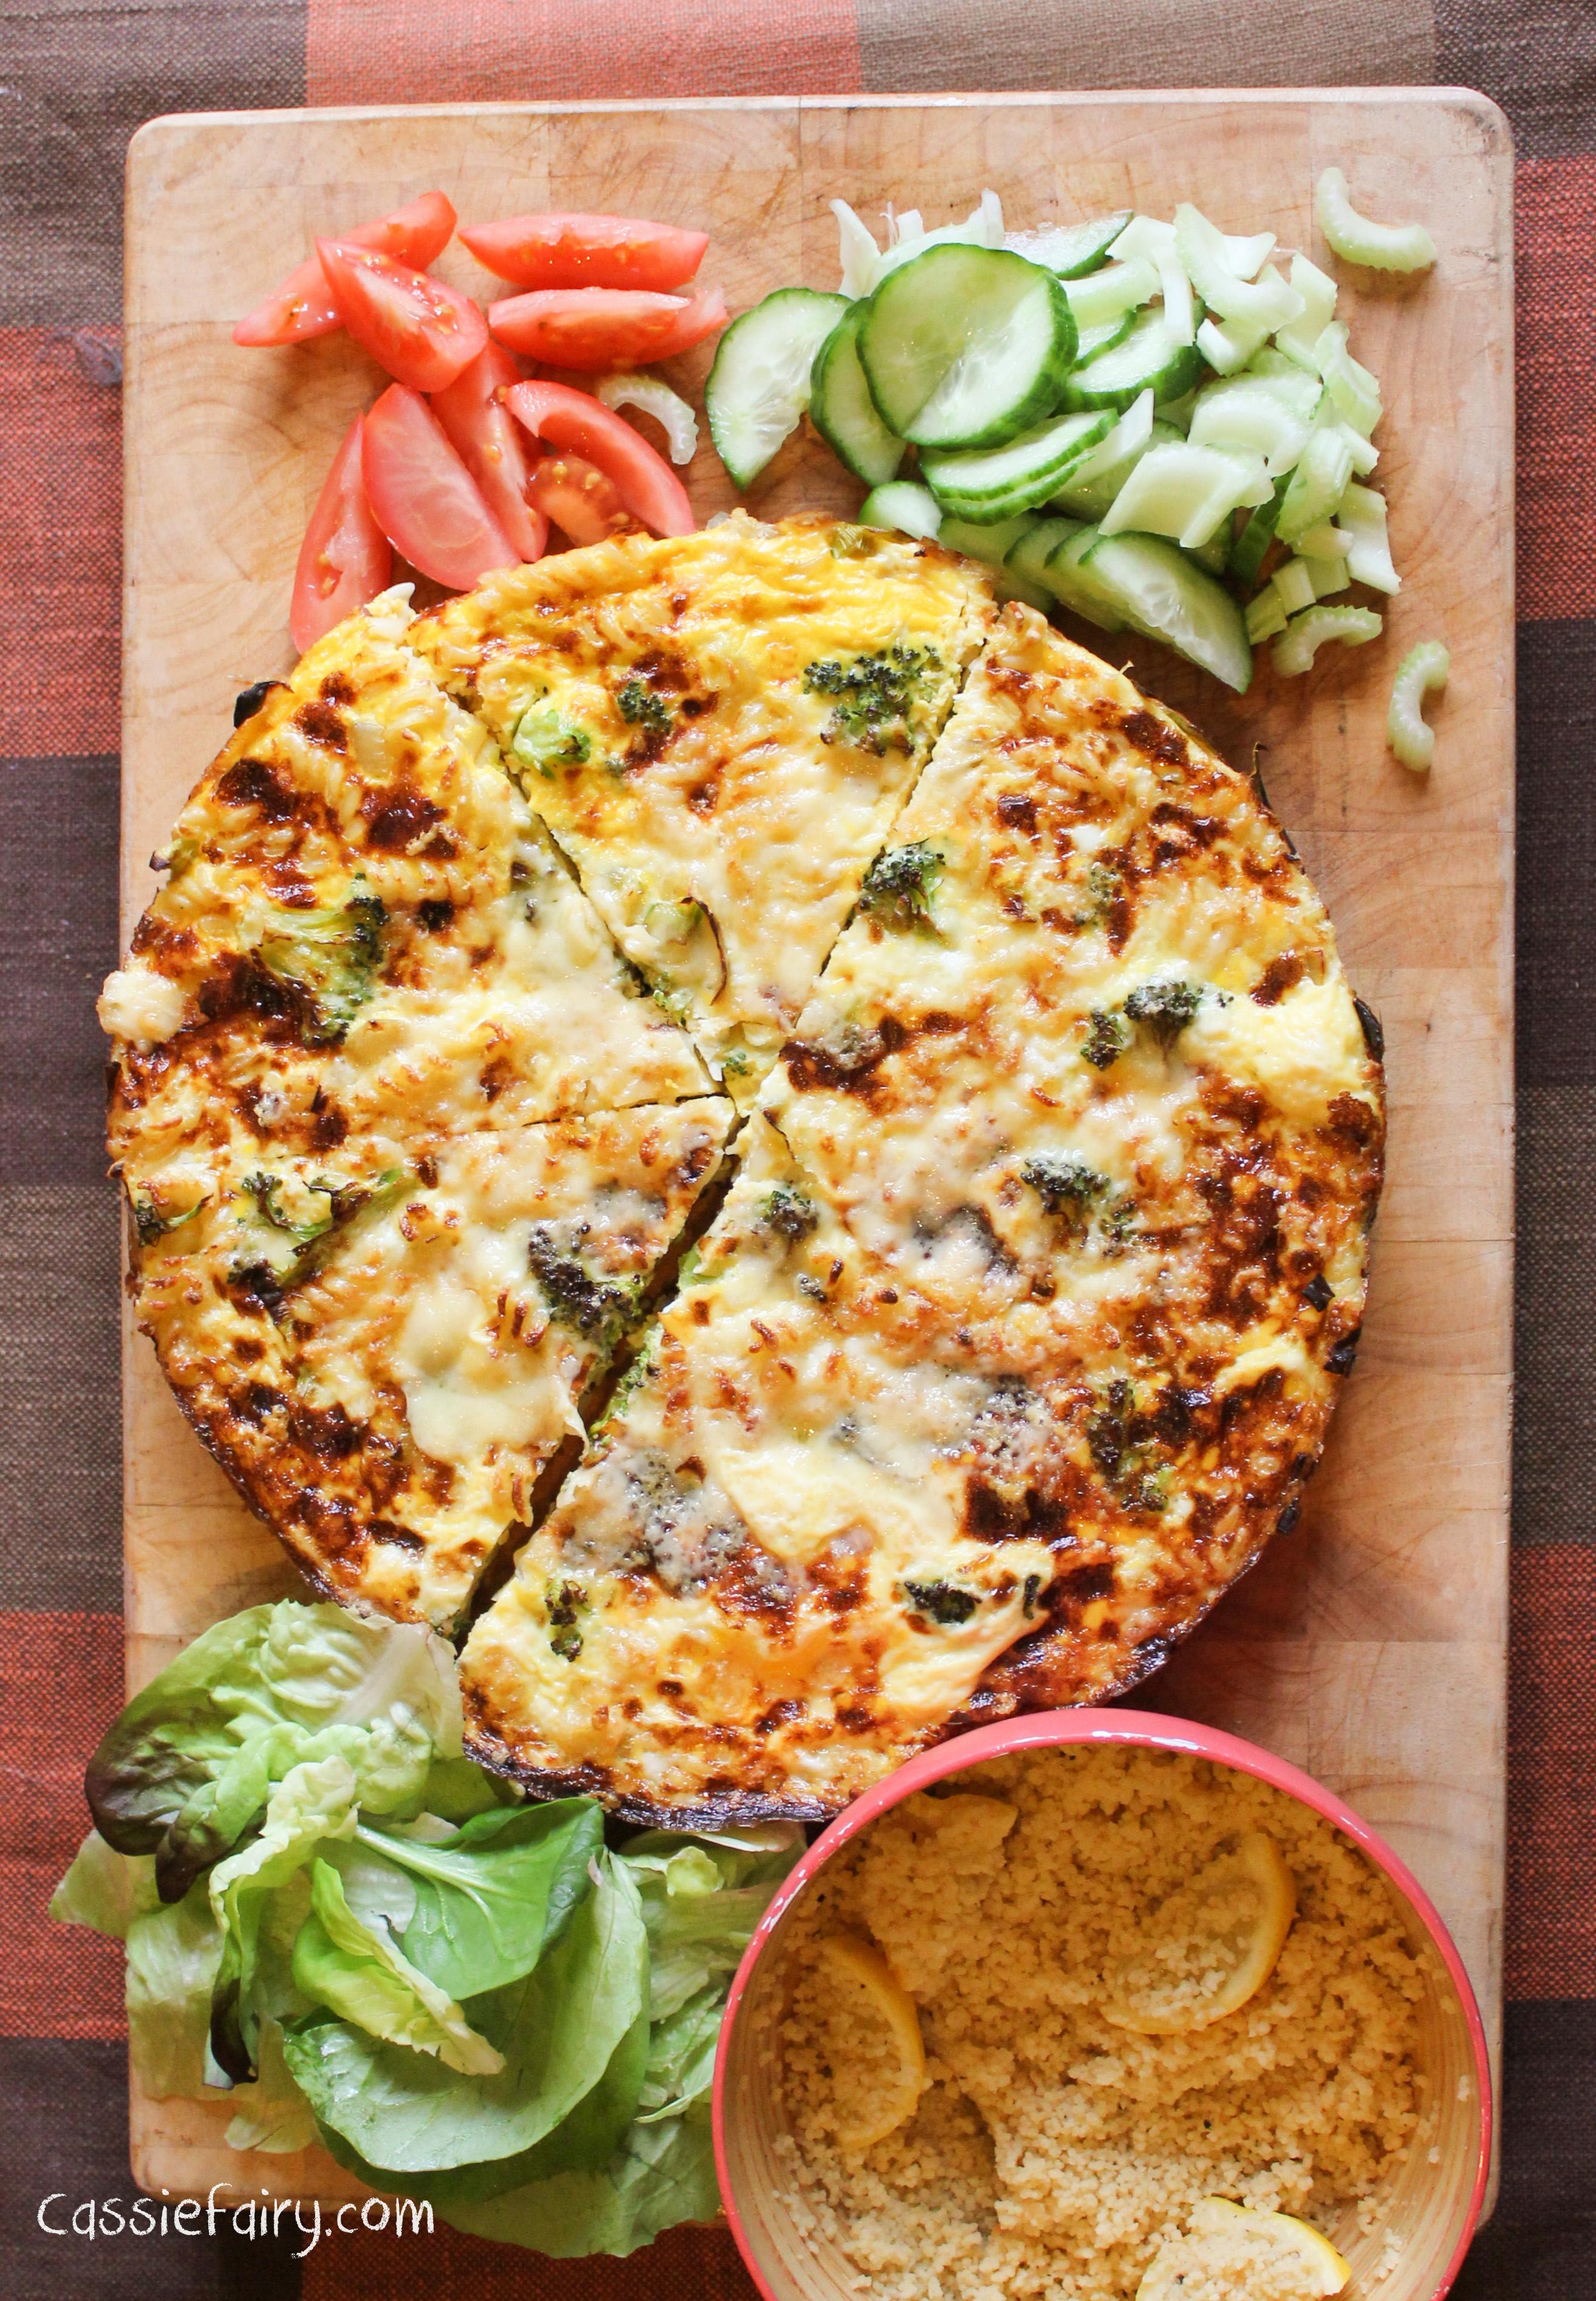 Cheese & Broccoli Pasta Frittata